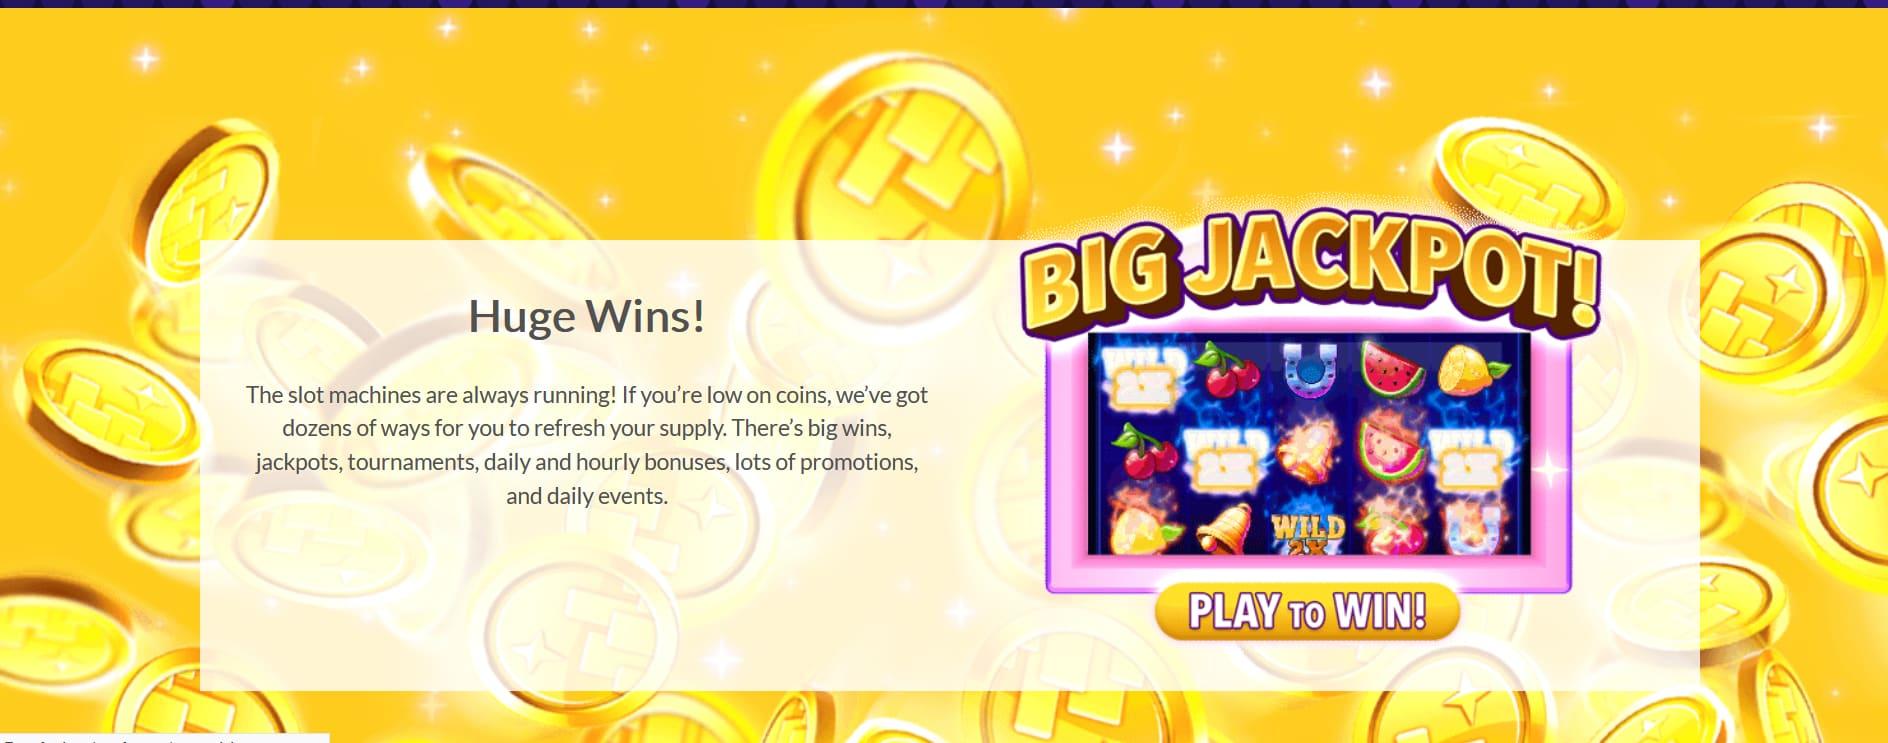 35,000+ Coin Jackpot Win